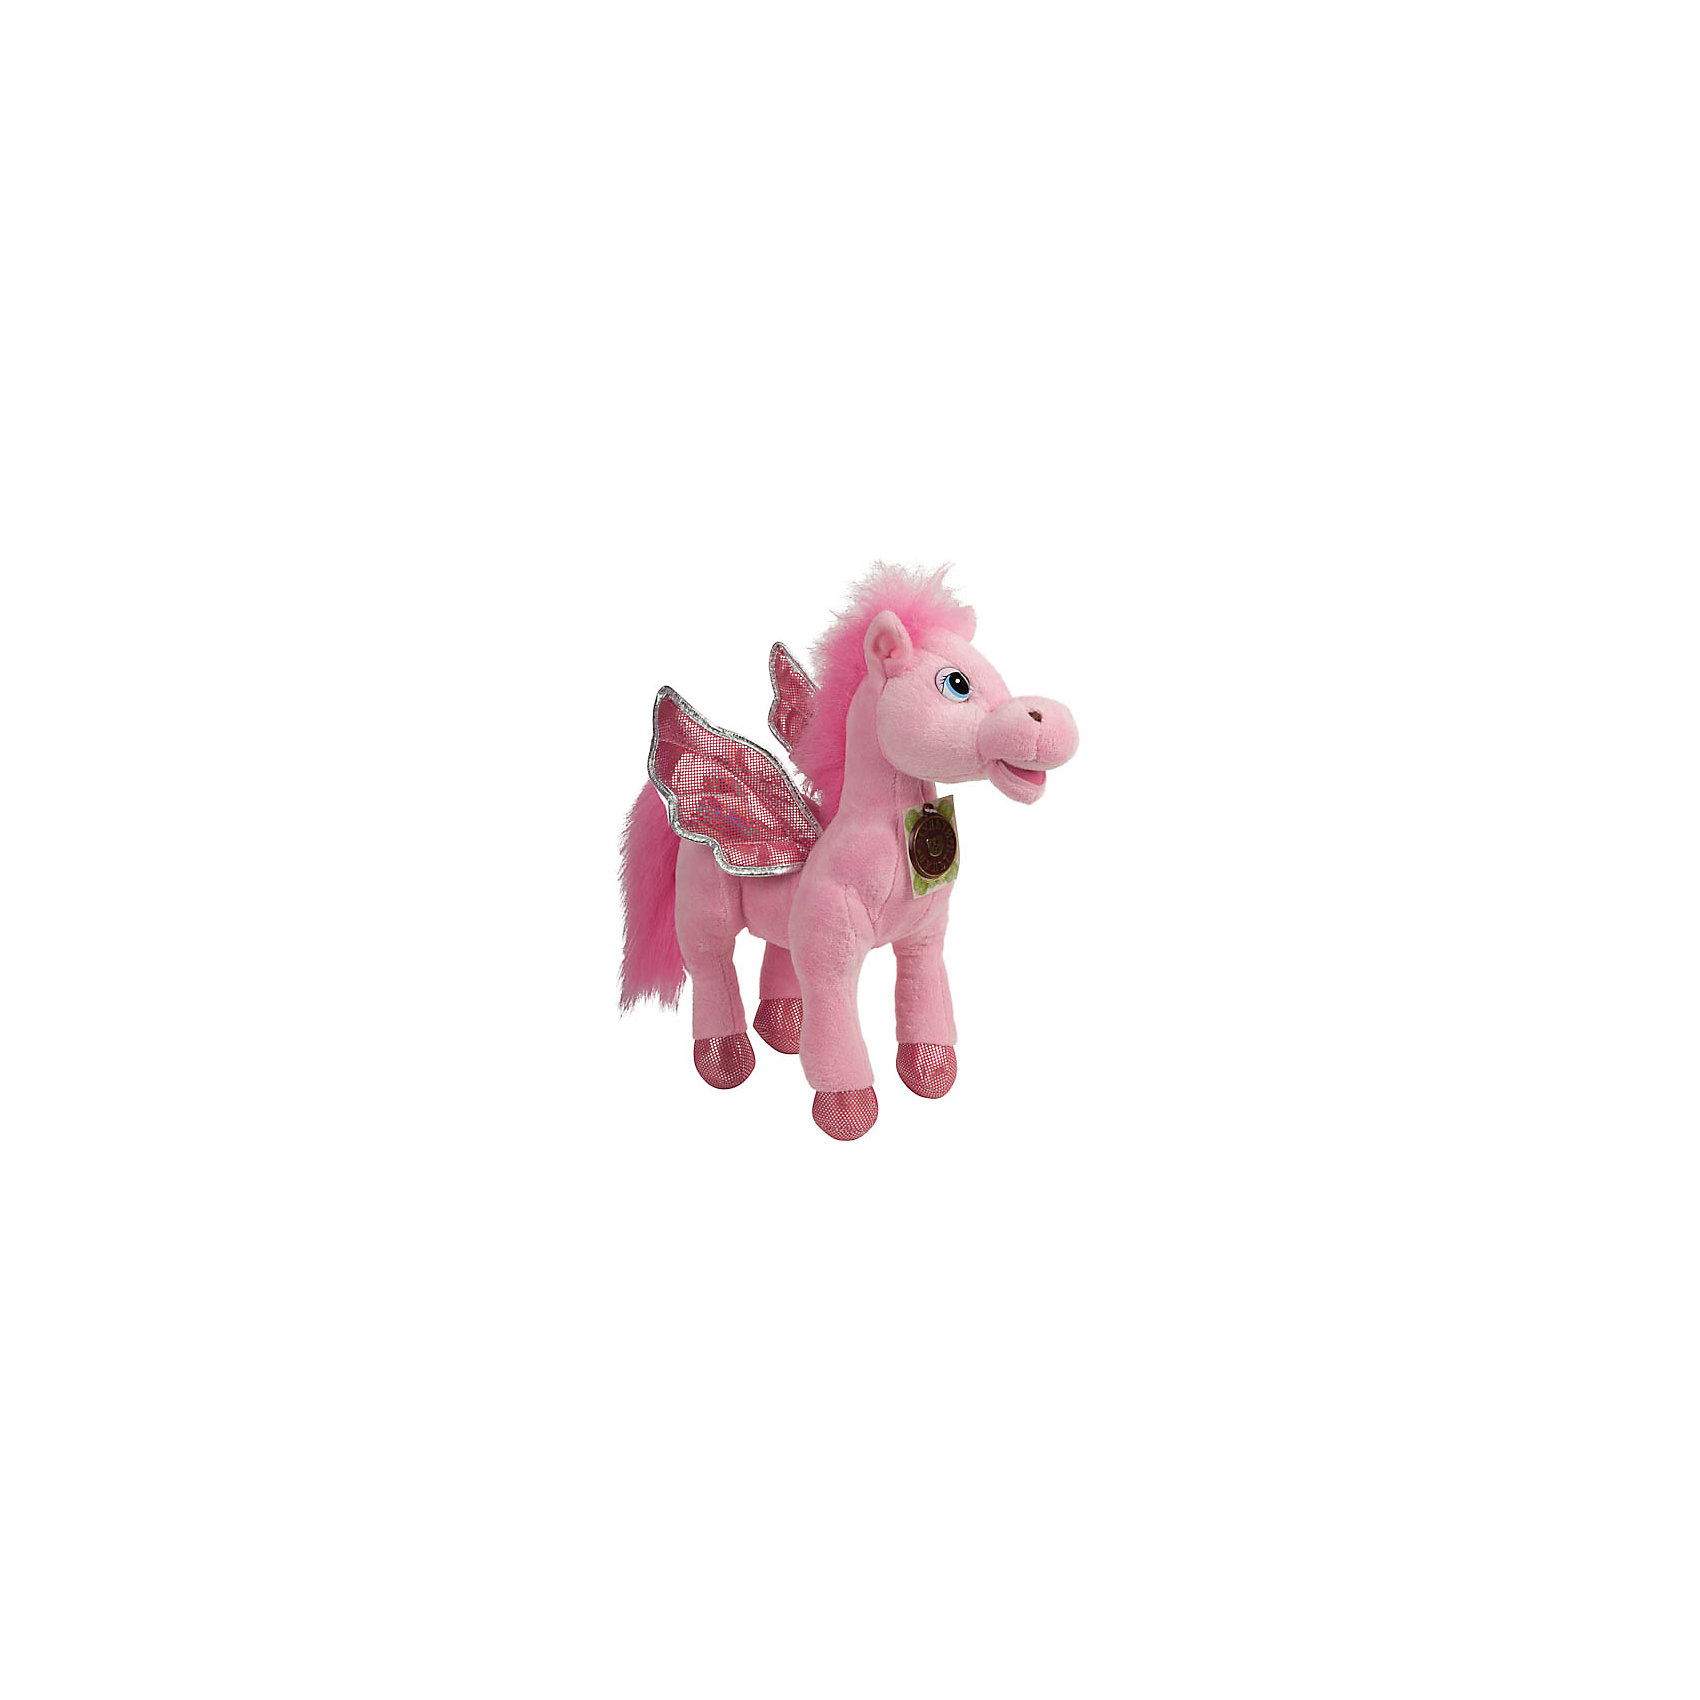 МУЛЬТИ-ПУЛЬТИ Мягкая игрушка Пони с крыльями, розовая, МУЛЬТИ-ПУЛЬТИ большую мягкую игрушку собаку лежа в москве